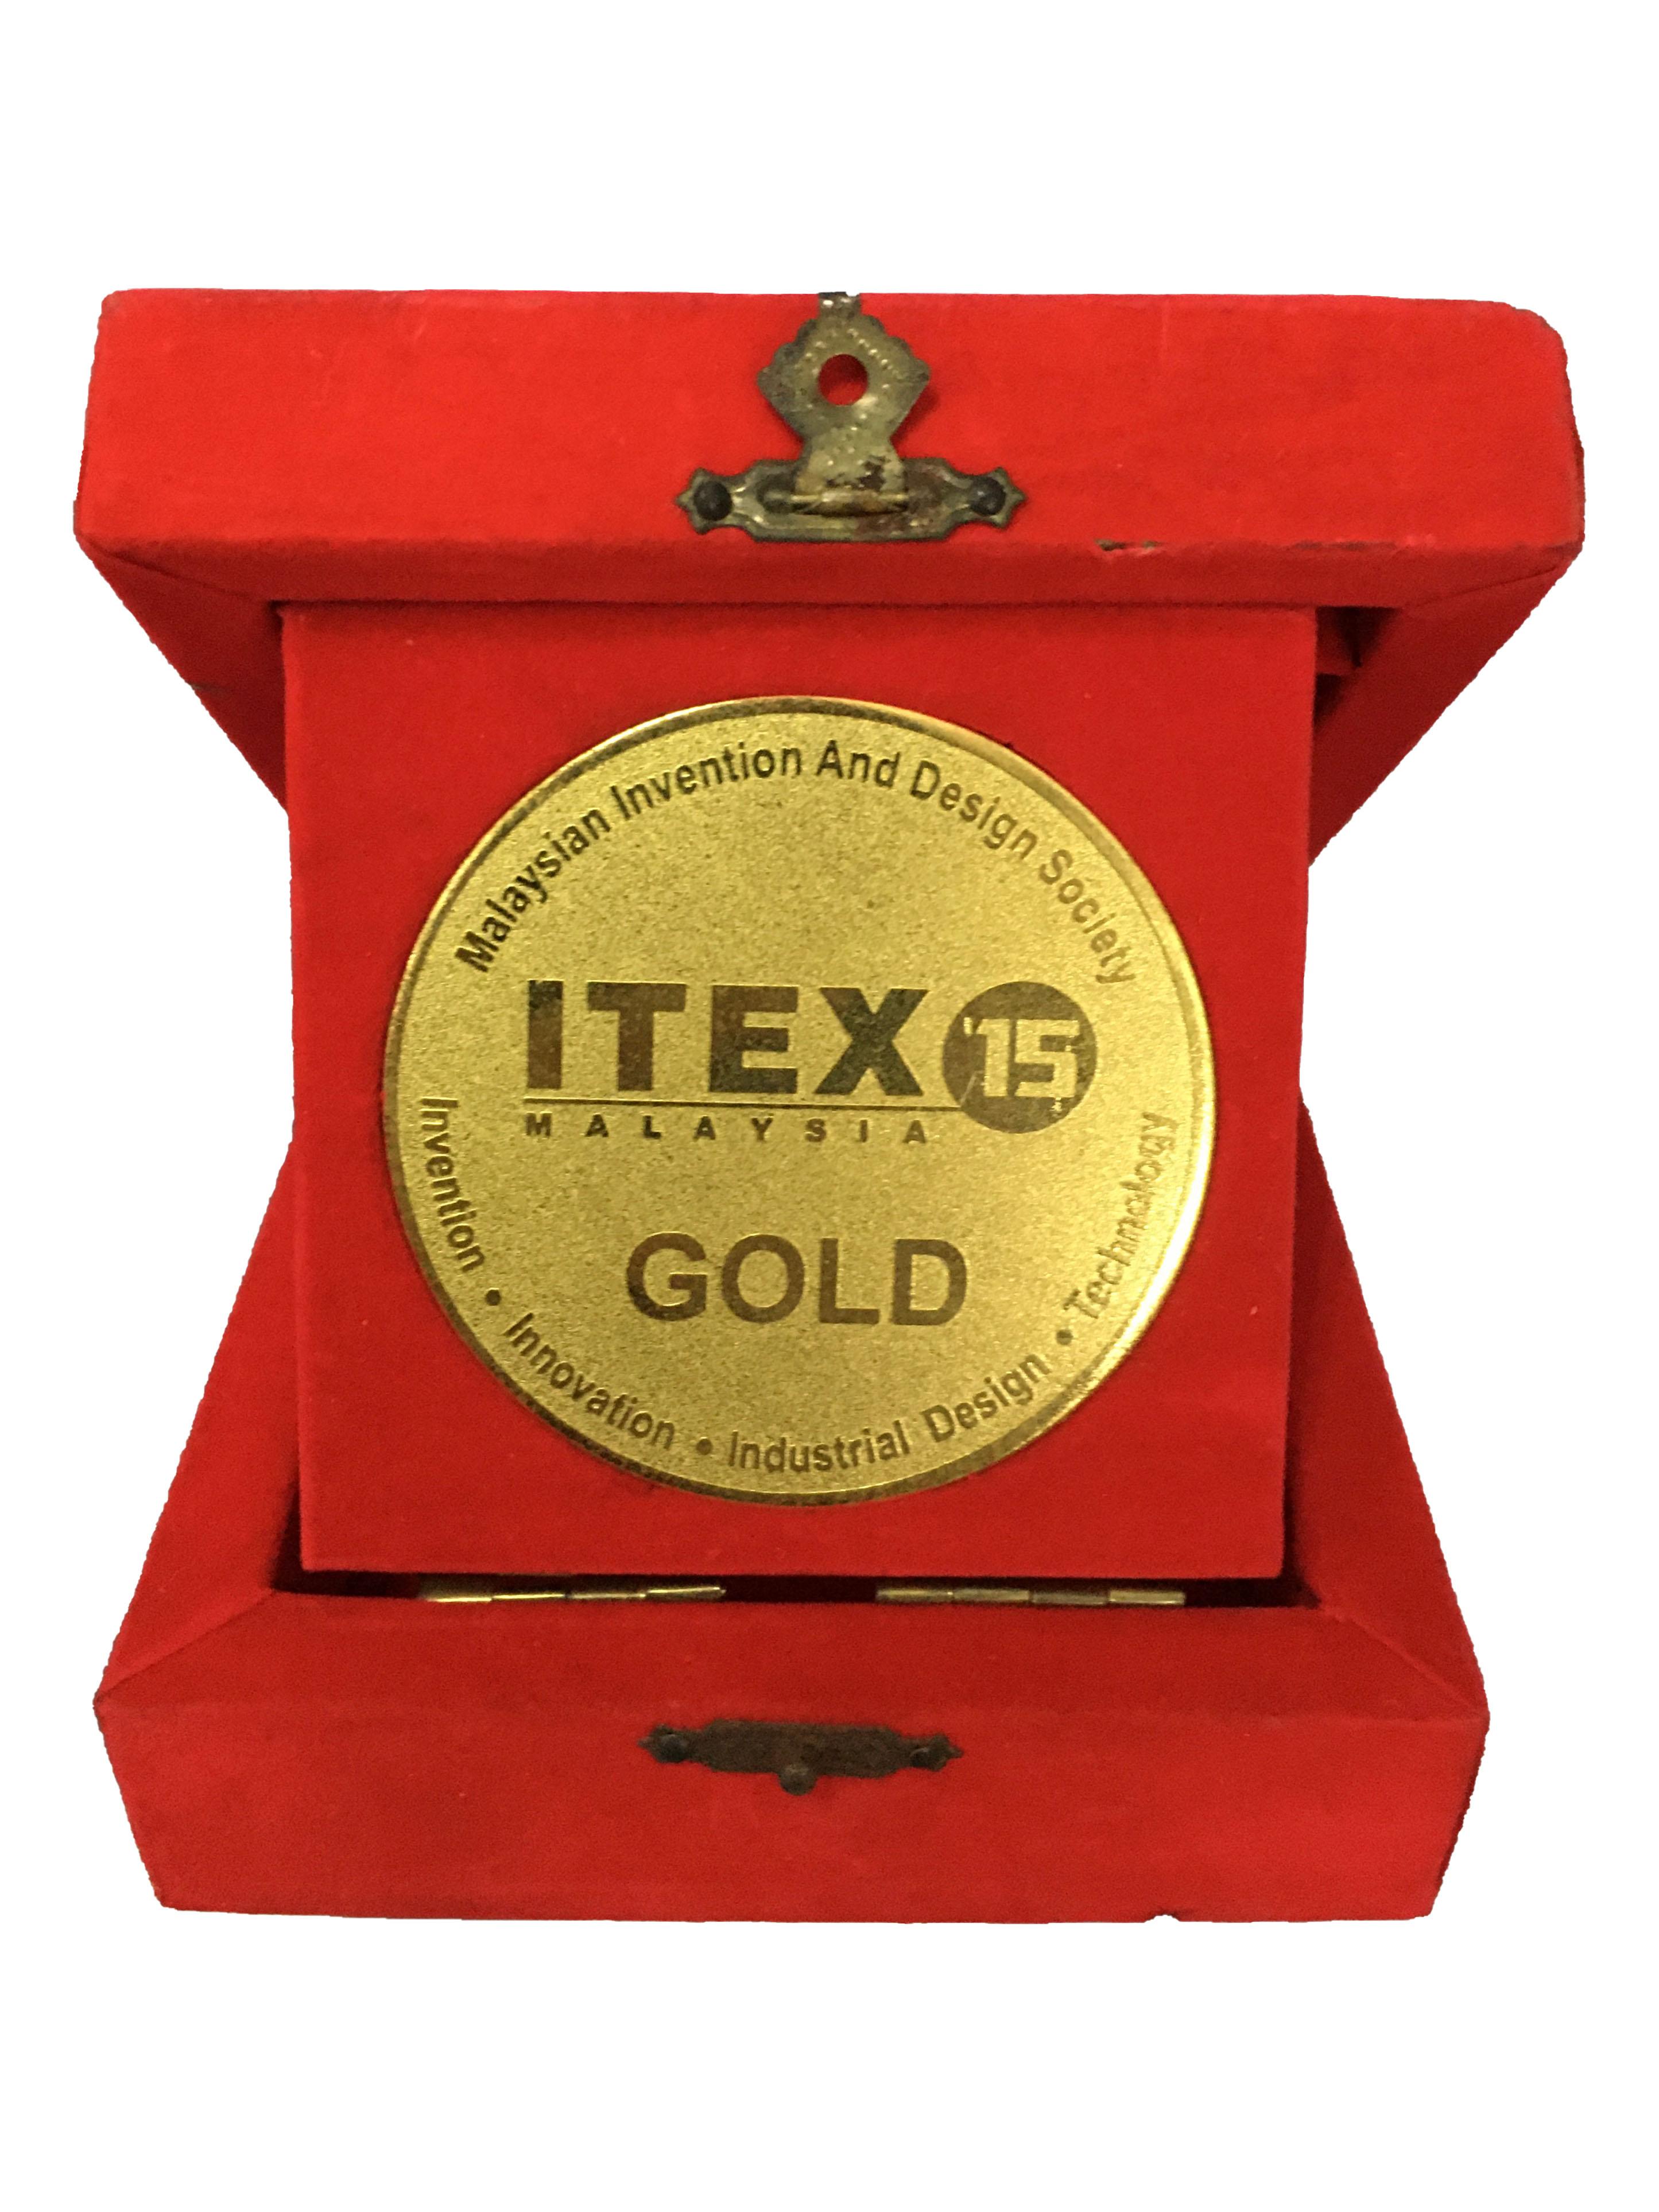 Gold Medalist ITEX